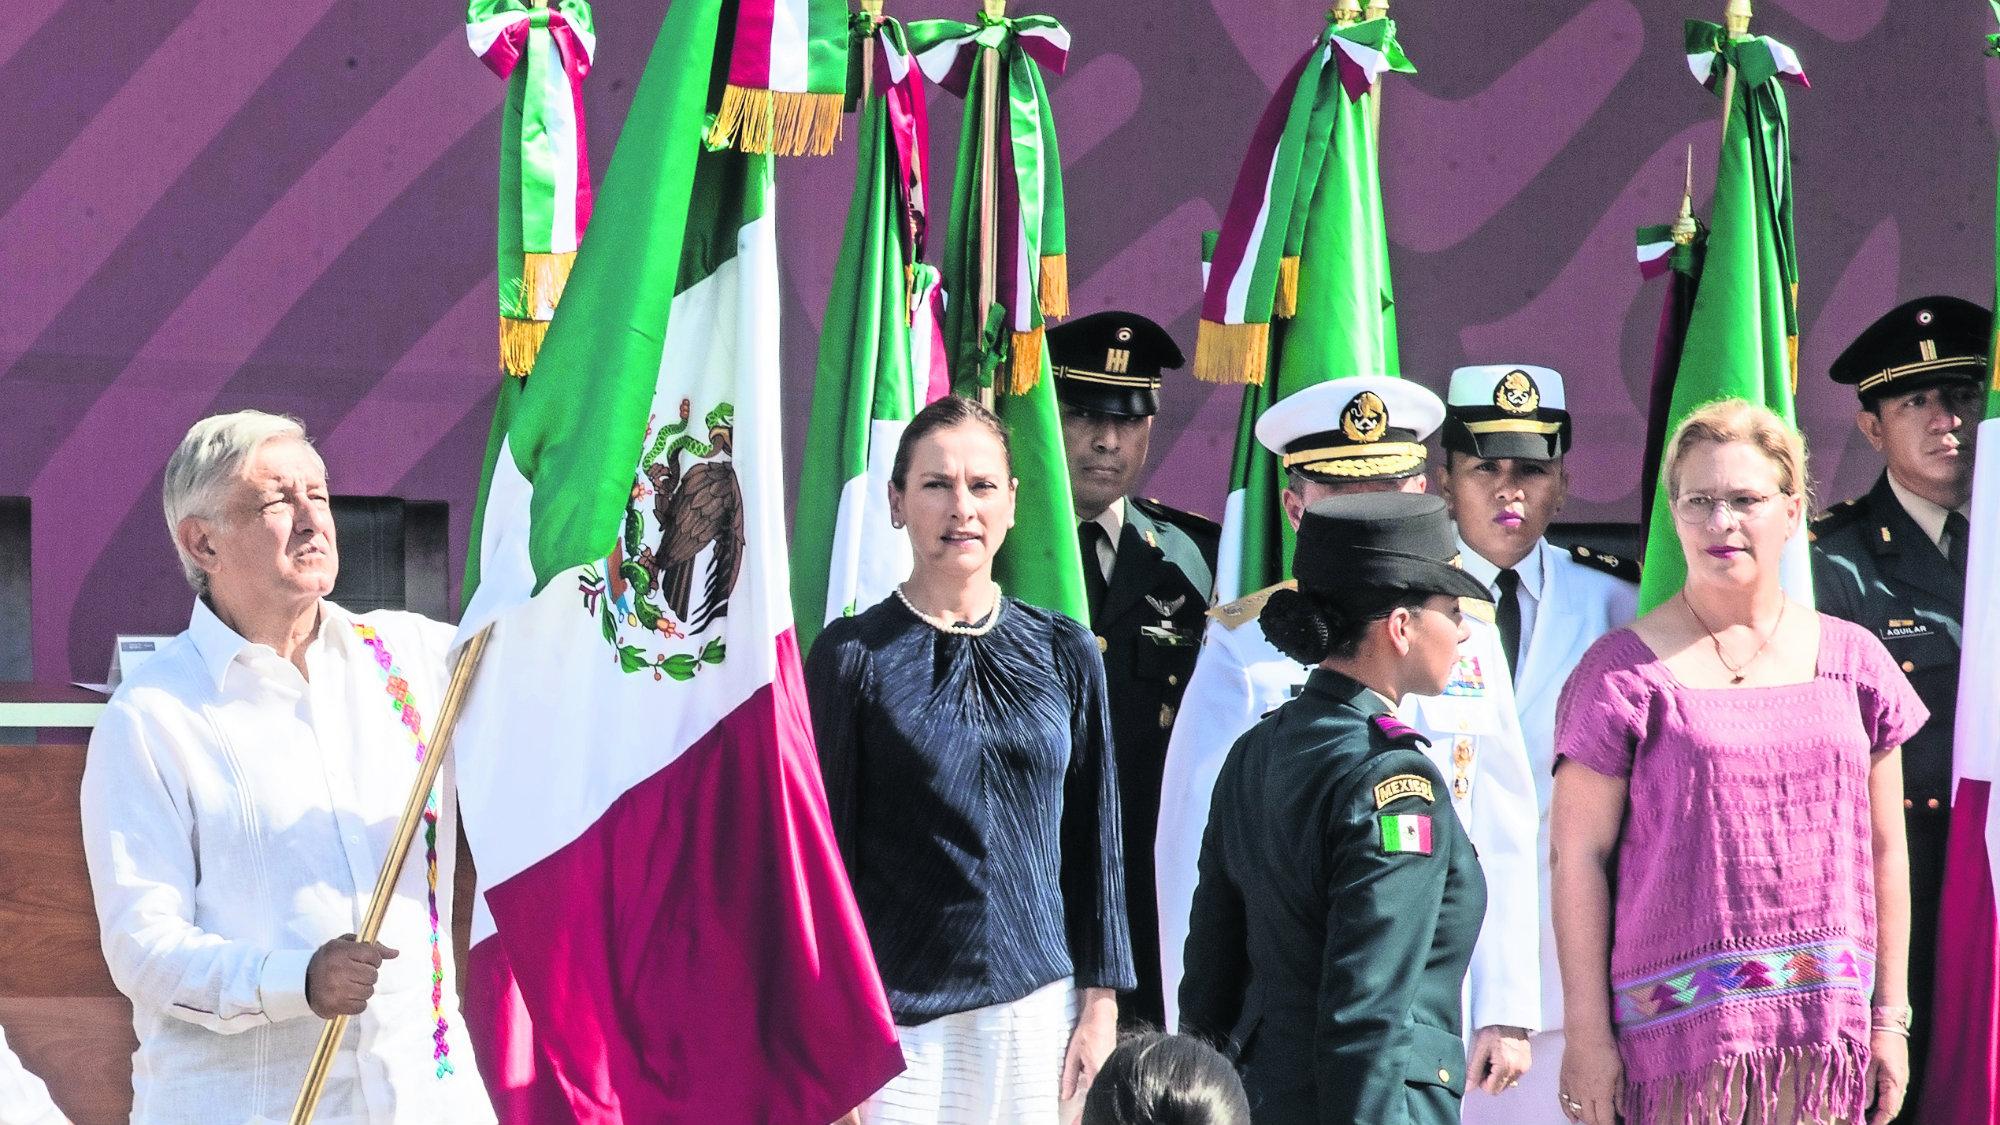 Secretaría de Turismo Museo del Mestizaje Chetumal Quintana Roo AMLO